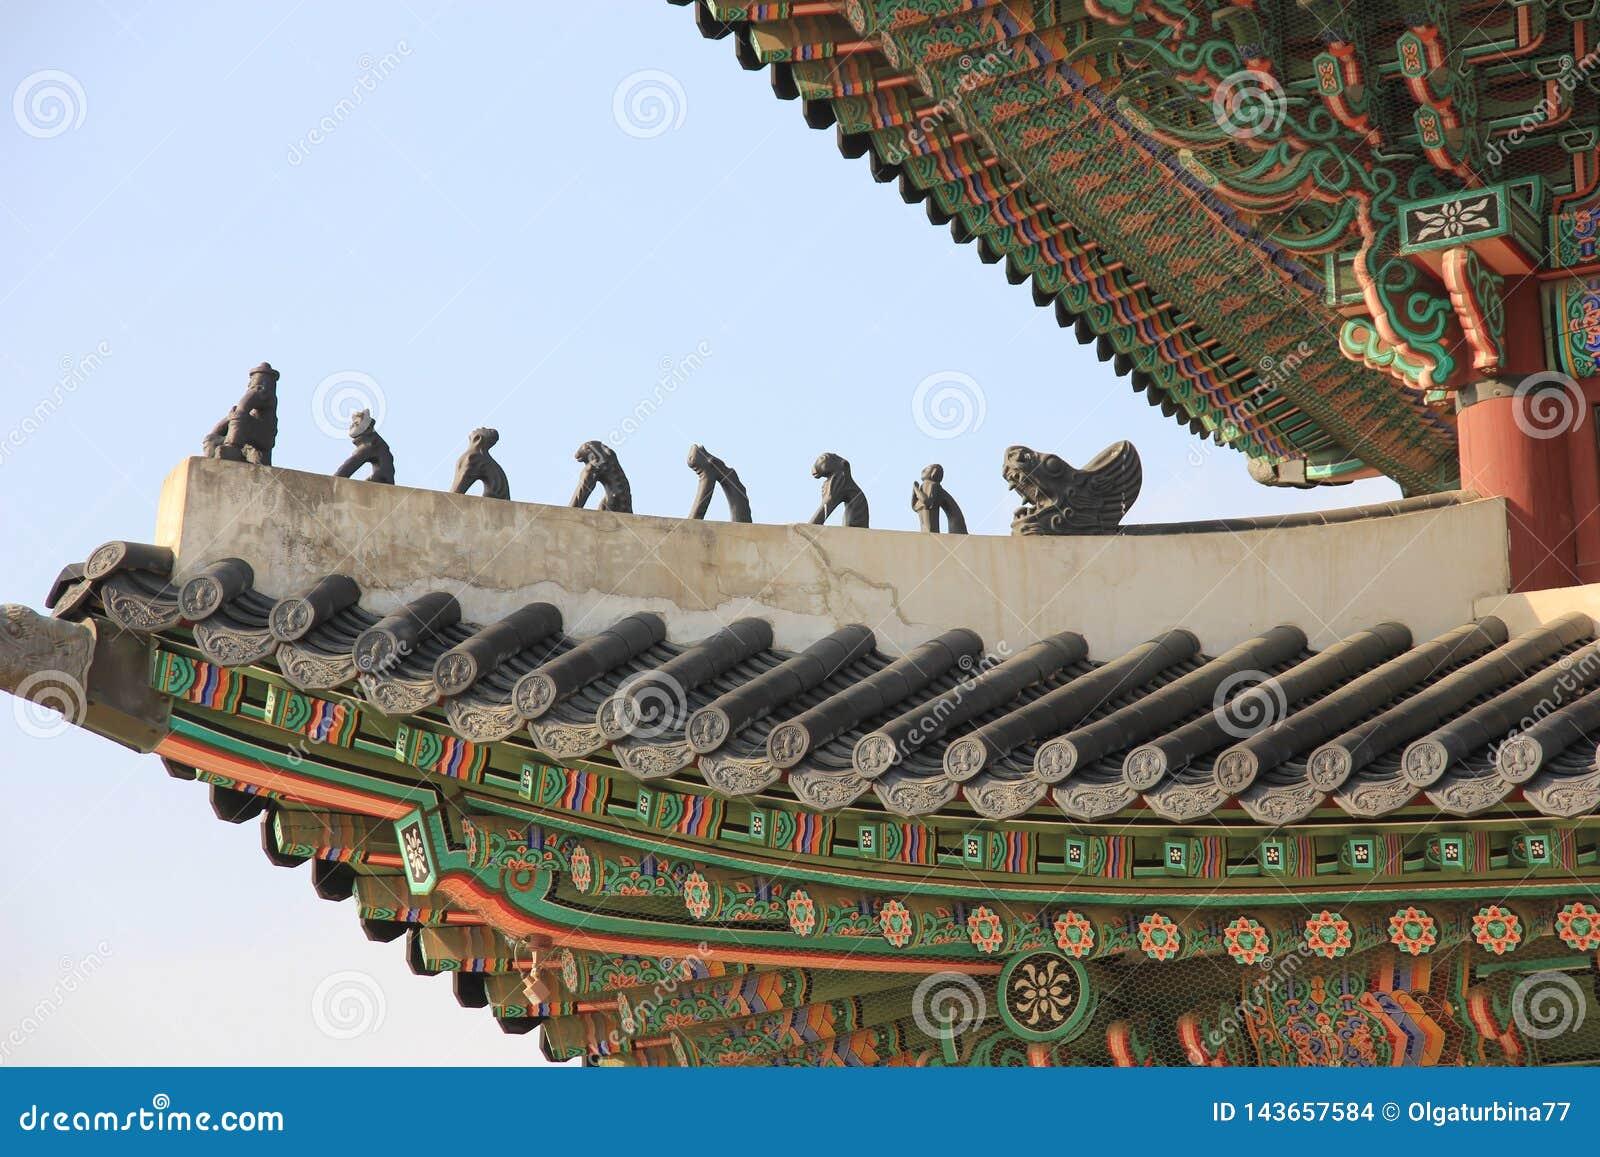 景福宫宫殿,韩国传统屋顶,Japsang形象,汉城,韩国